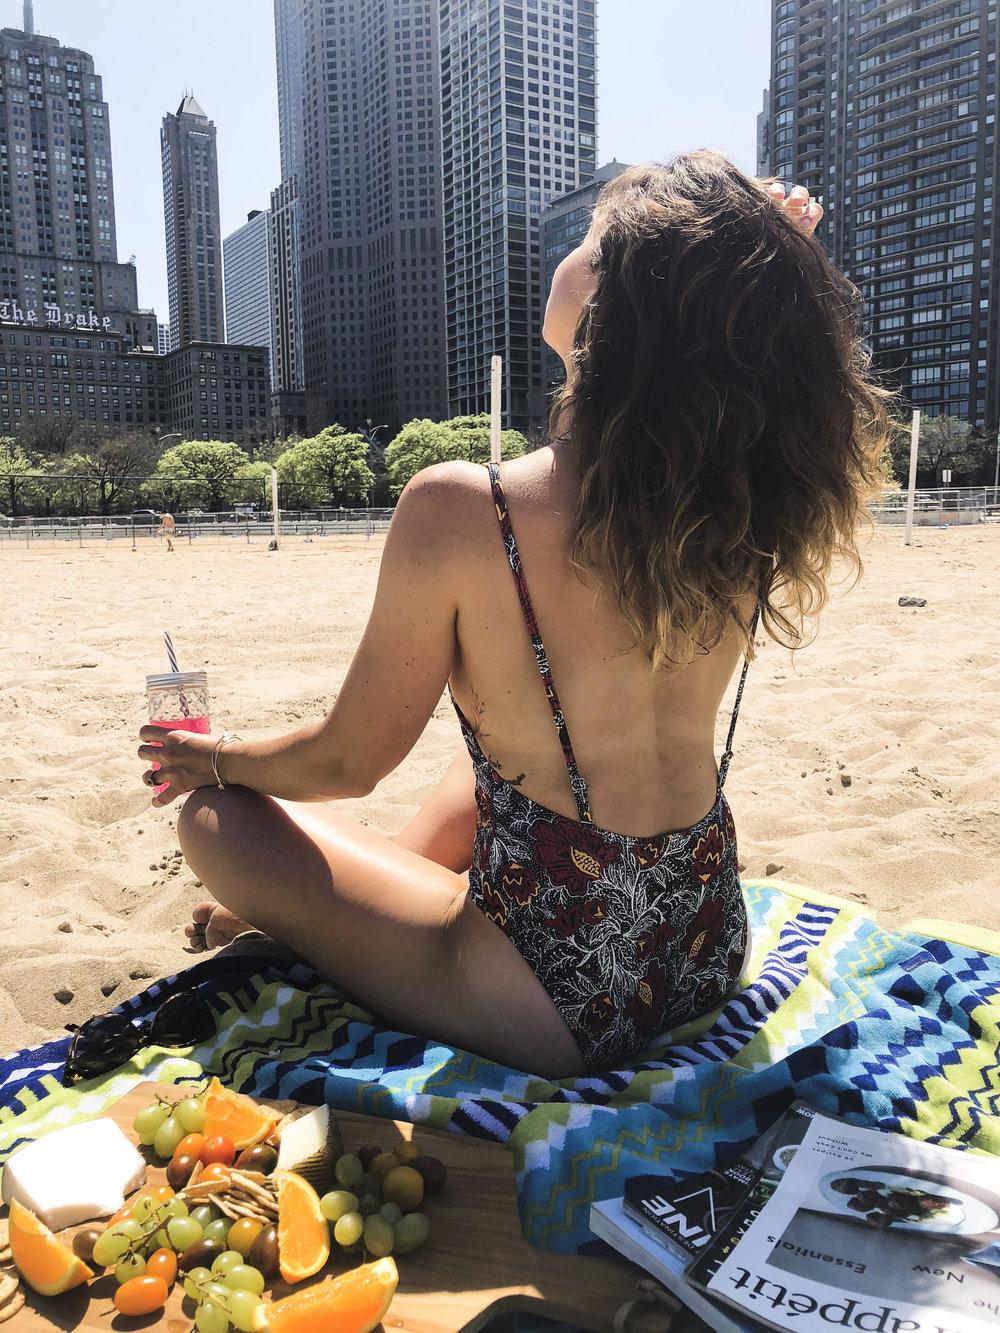 chicago-summer-oak-street-beach